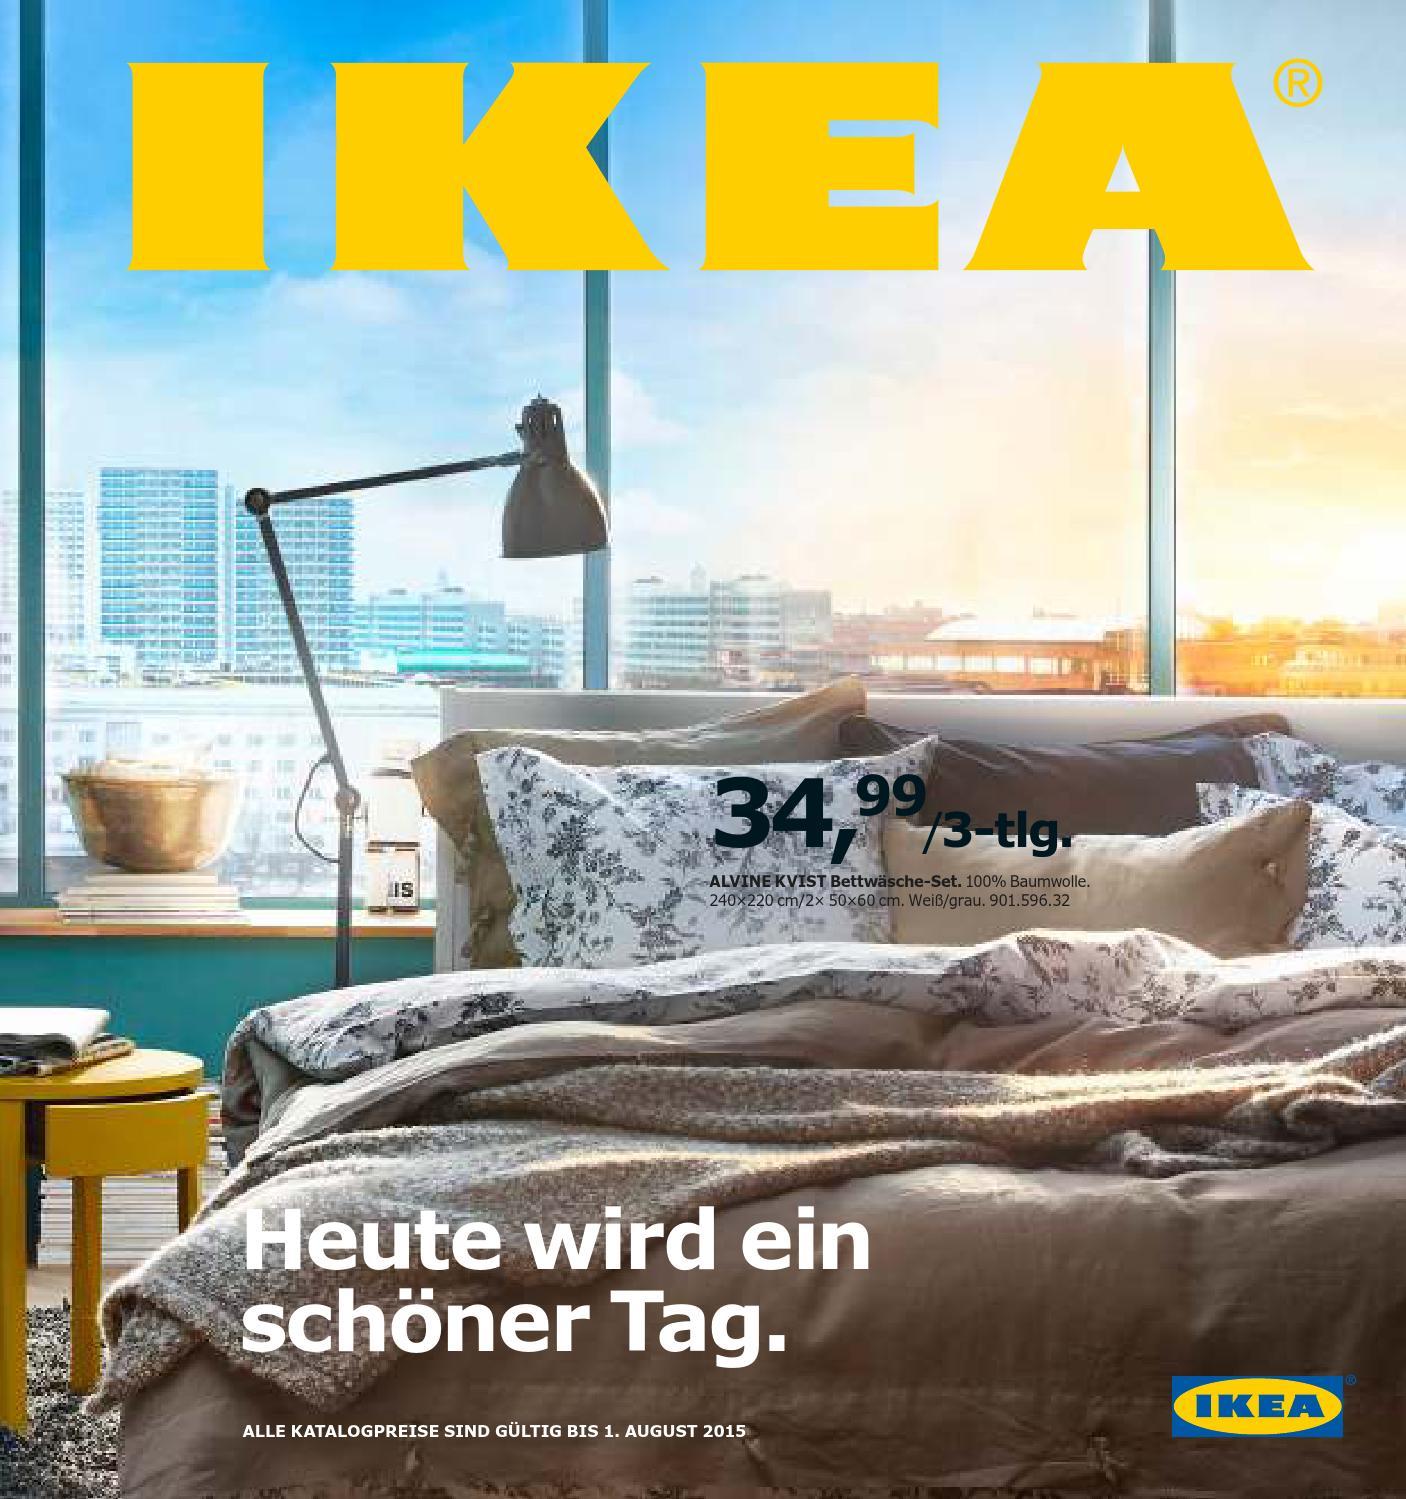 Ikea katalog omare 2015 by vsikatalogi.si   issuu